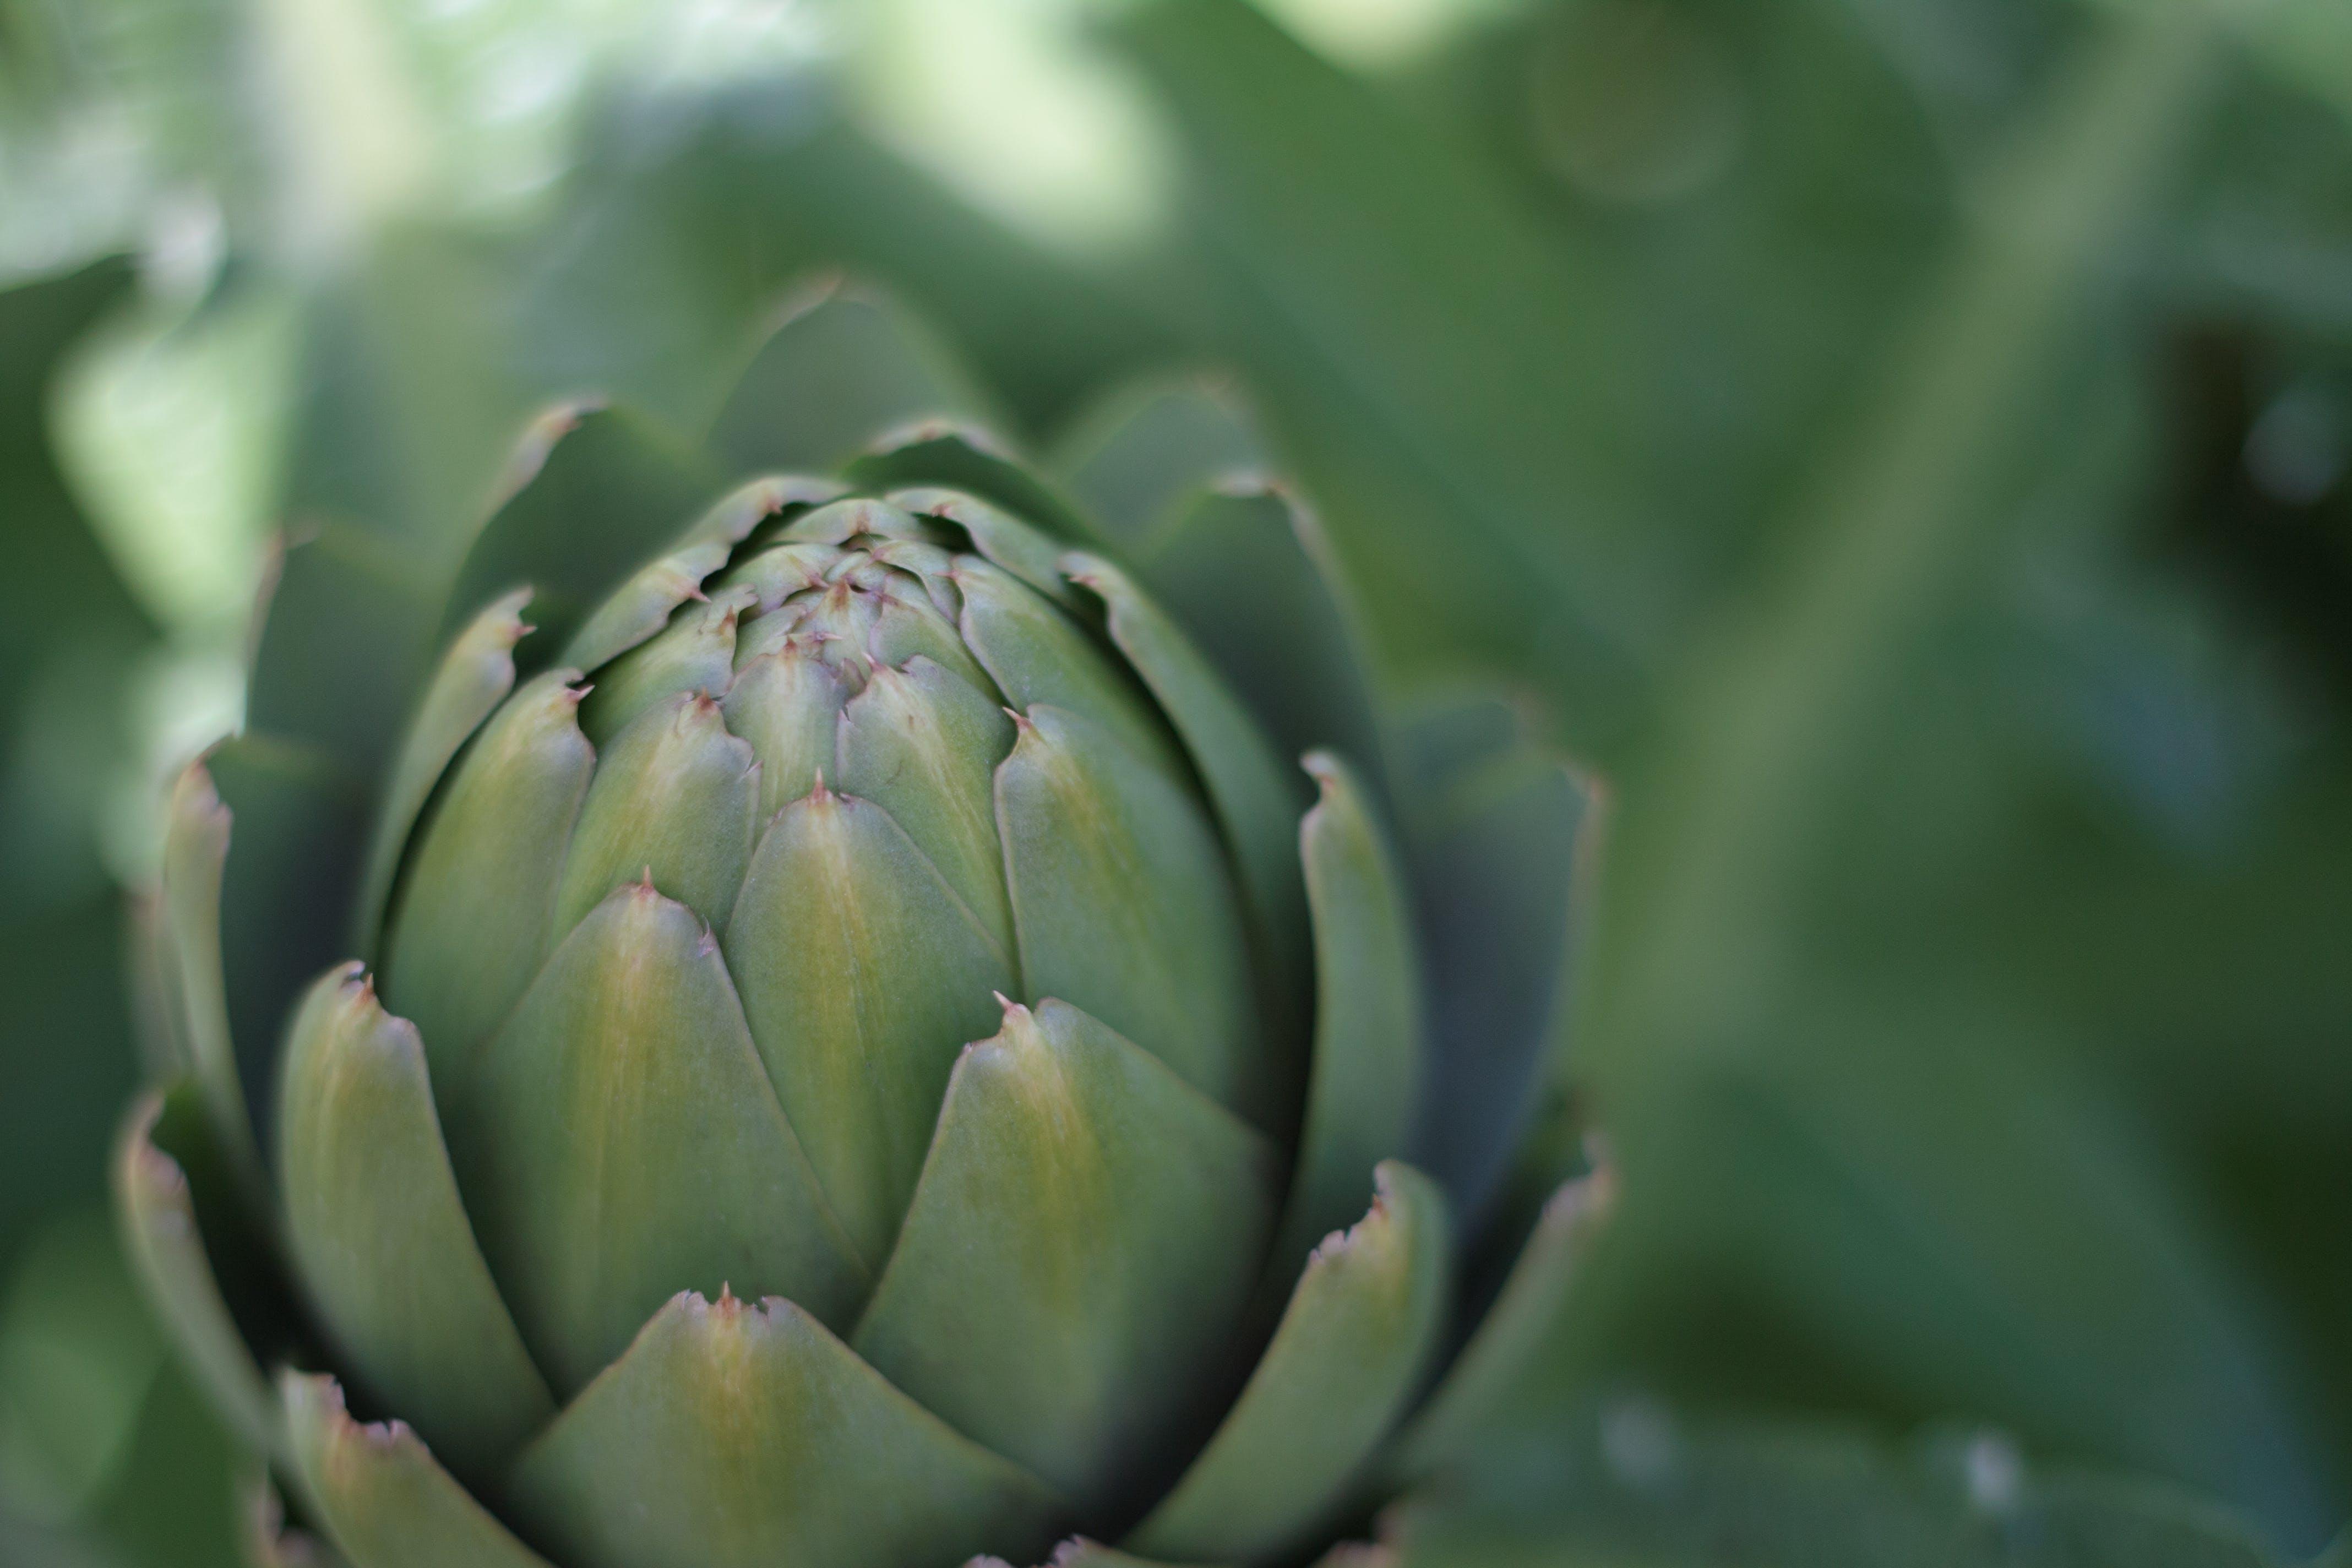 Kostenloses Stock Foto zu grün, knospe, nahansicht, nahaufnahme